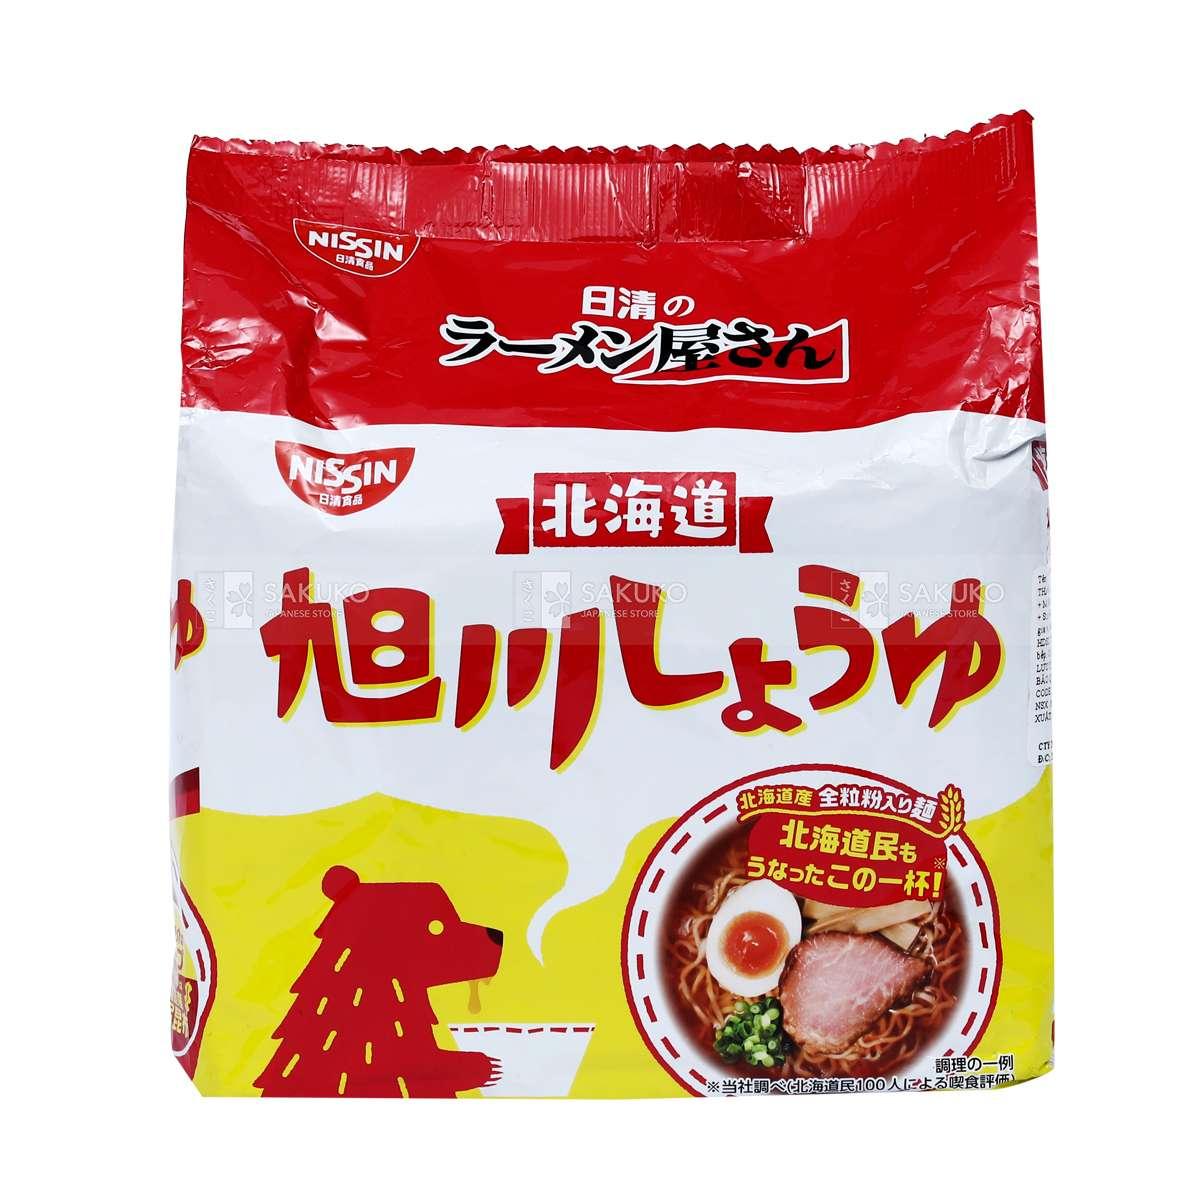 NISSIN- Mì ramen ăn liền vị nước tương (89g×5 gói) - Hàng Nhật nội địa